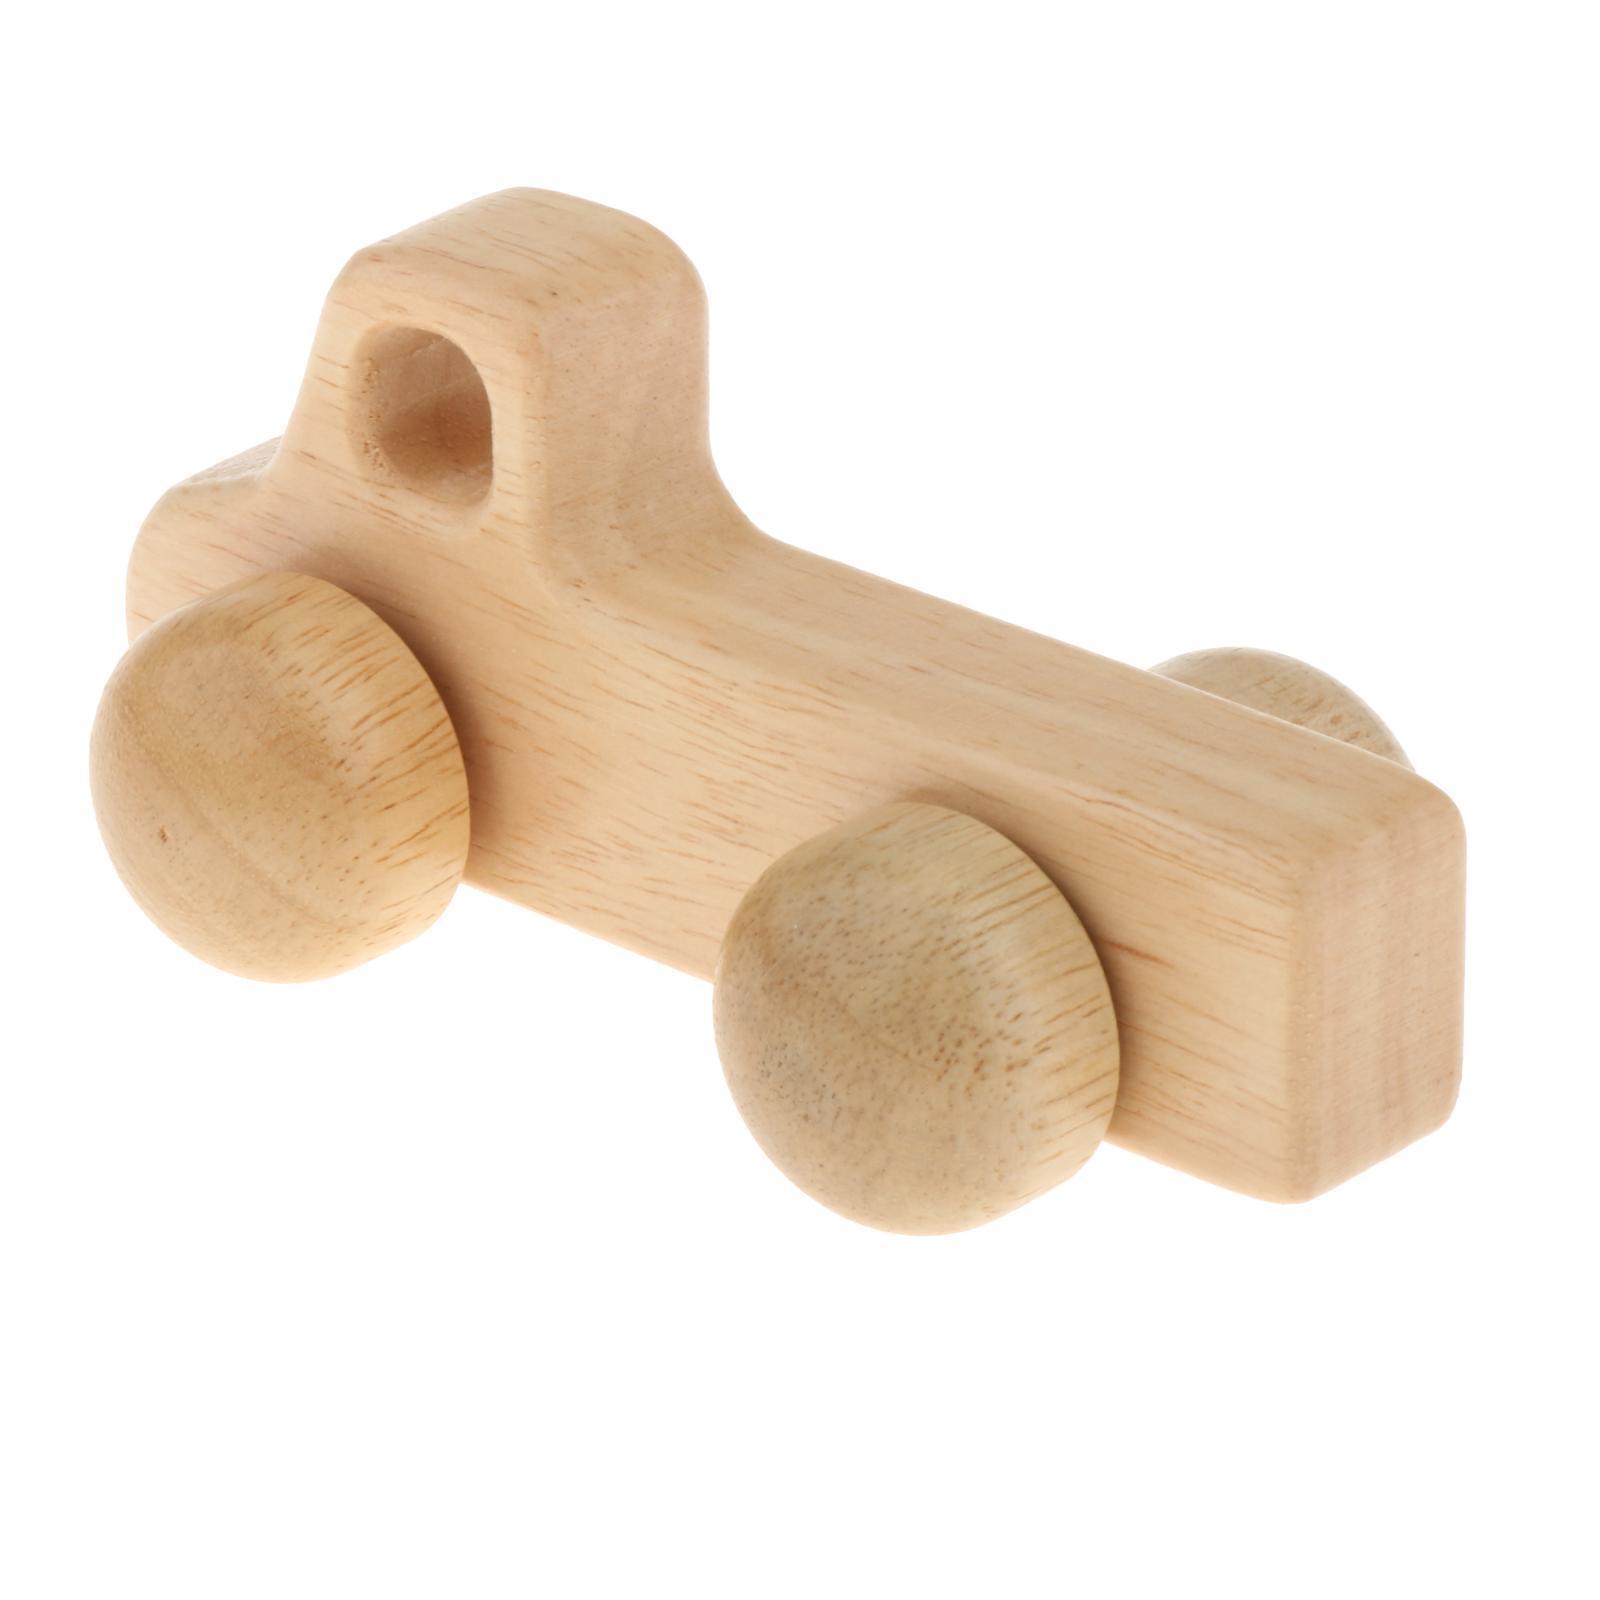 Fatti-a-mano-Giocattoli-di-Legno-Blocchi-di-Auto-Del-Fumetto-di-Attivita miniatura 32